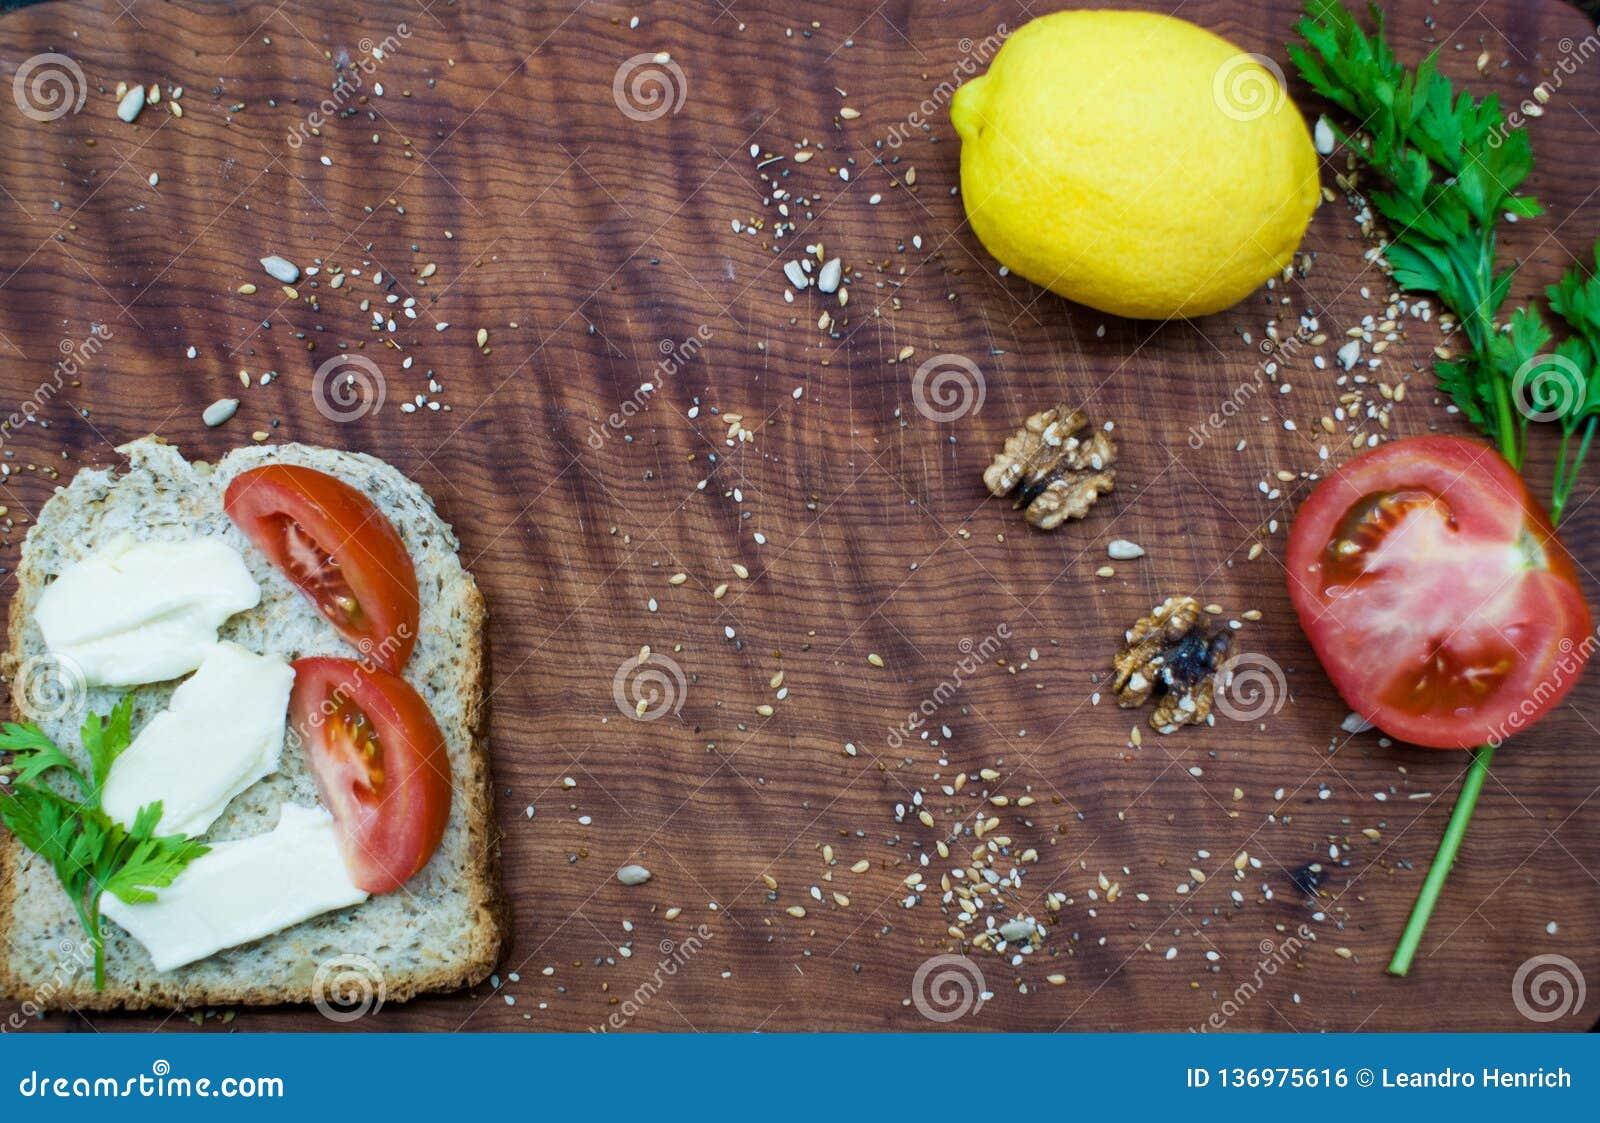 Temps de brunch : nourriture saine et savoureuse